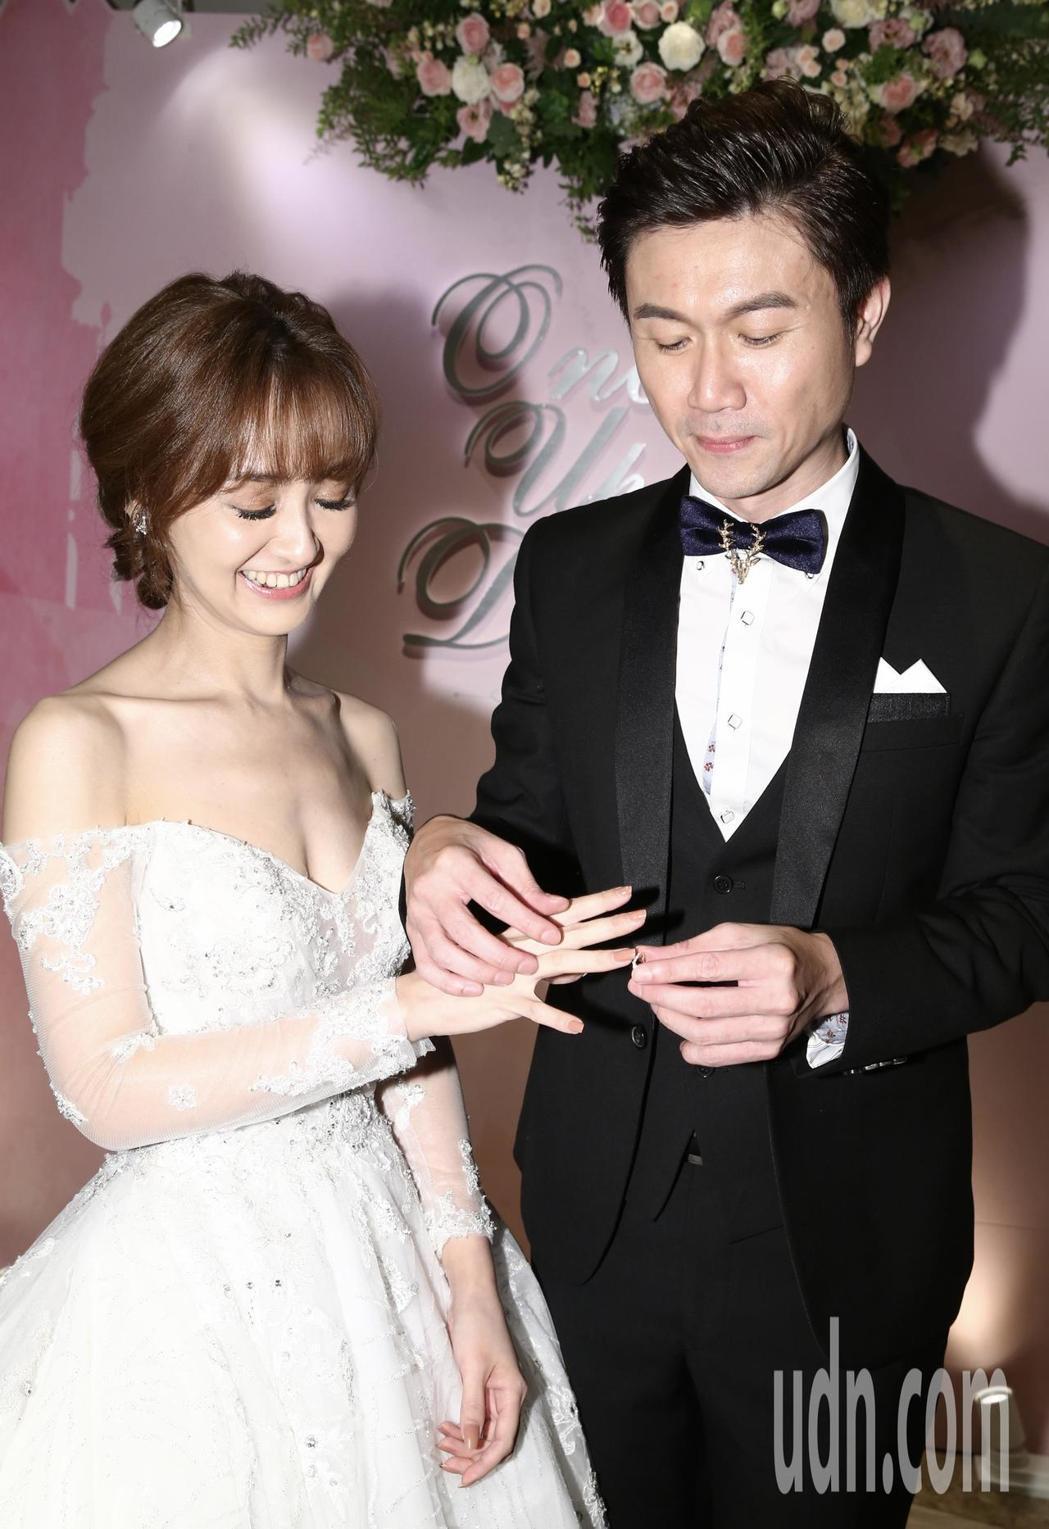 陳家頤和王李中彥互換婚戒。記者許正宏/攝影